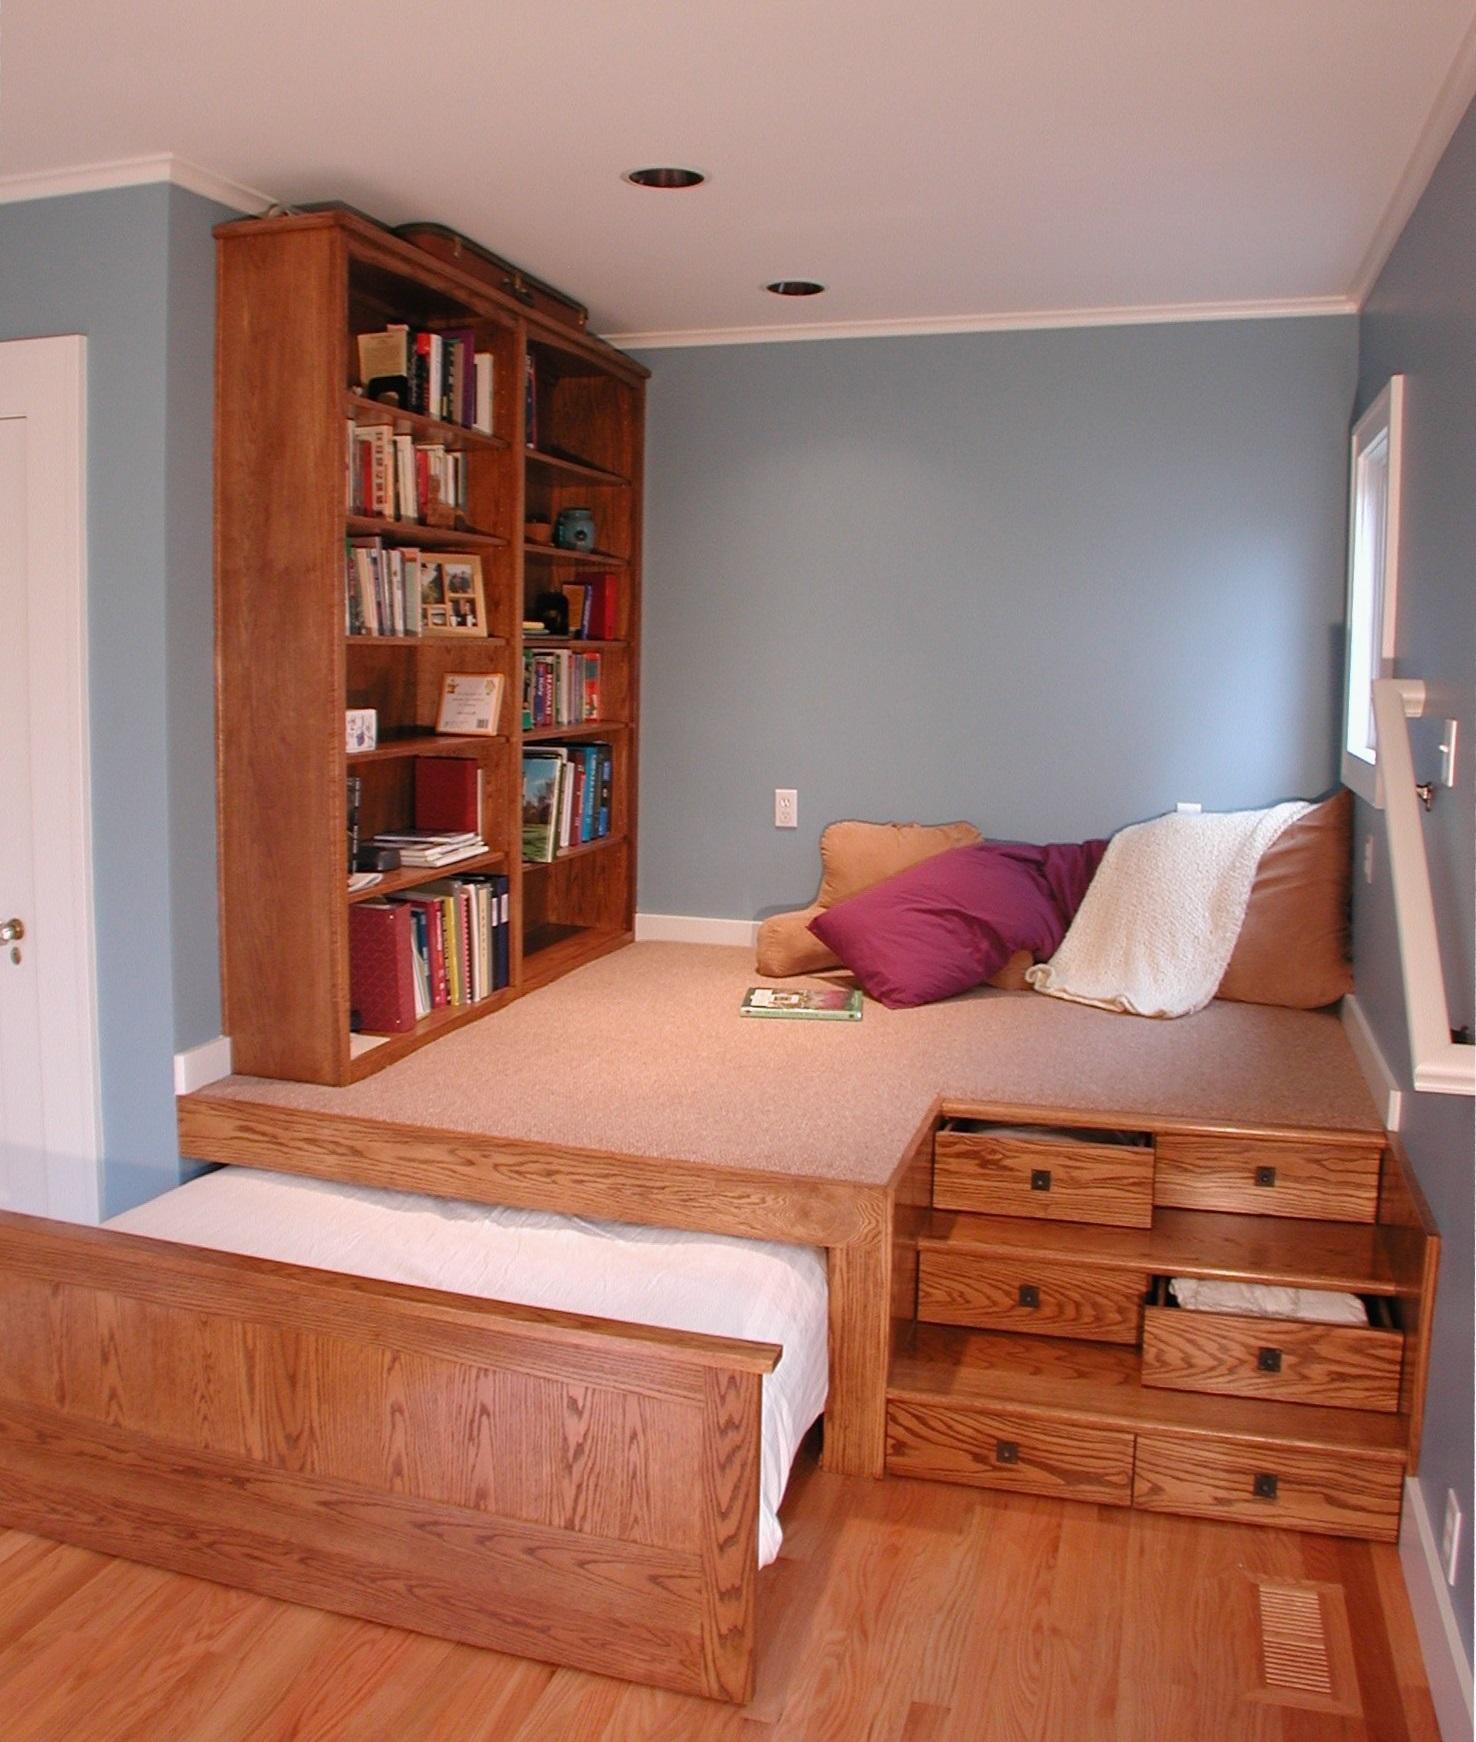 Увеличиваем пространство комнаты своими руками